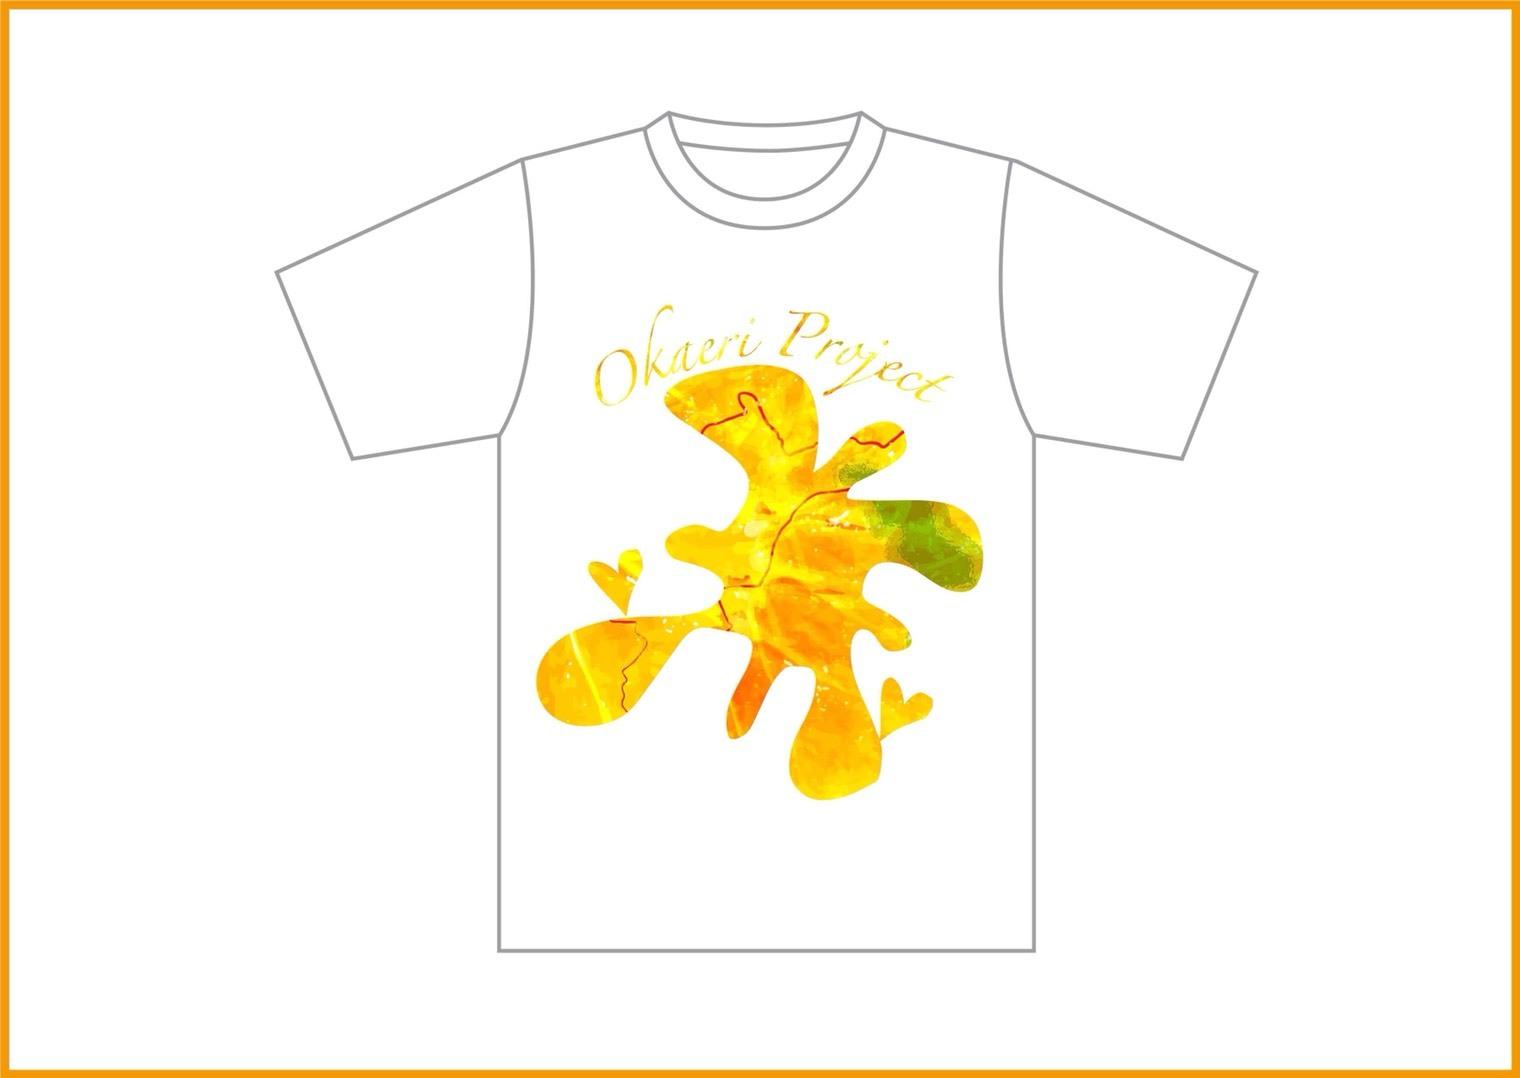 プロジェクトオリジナルTシャツプラン